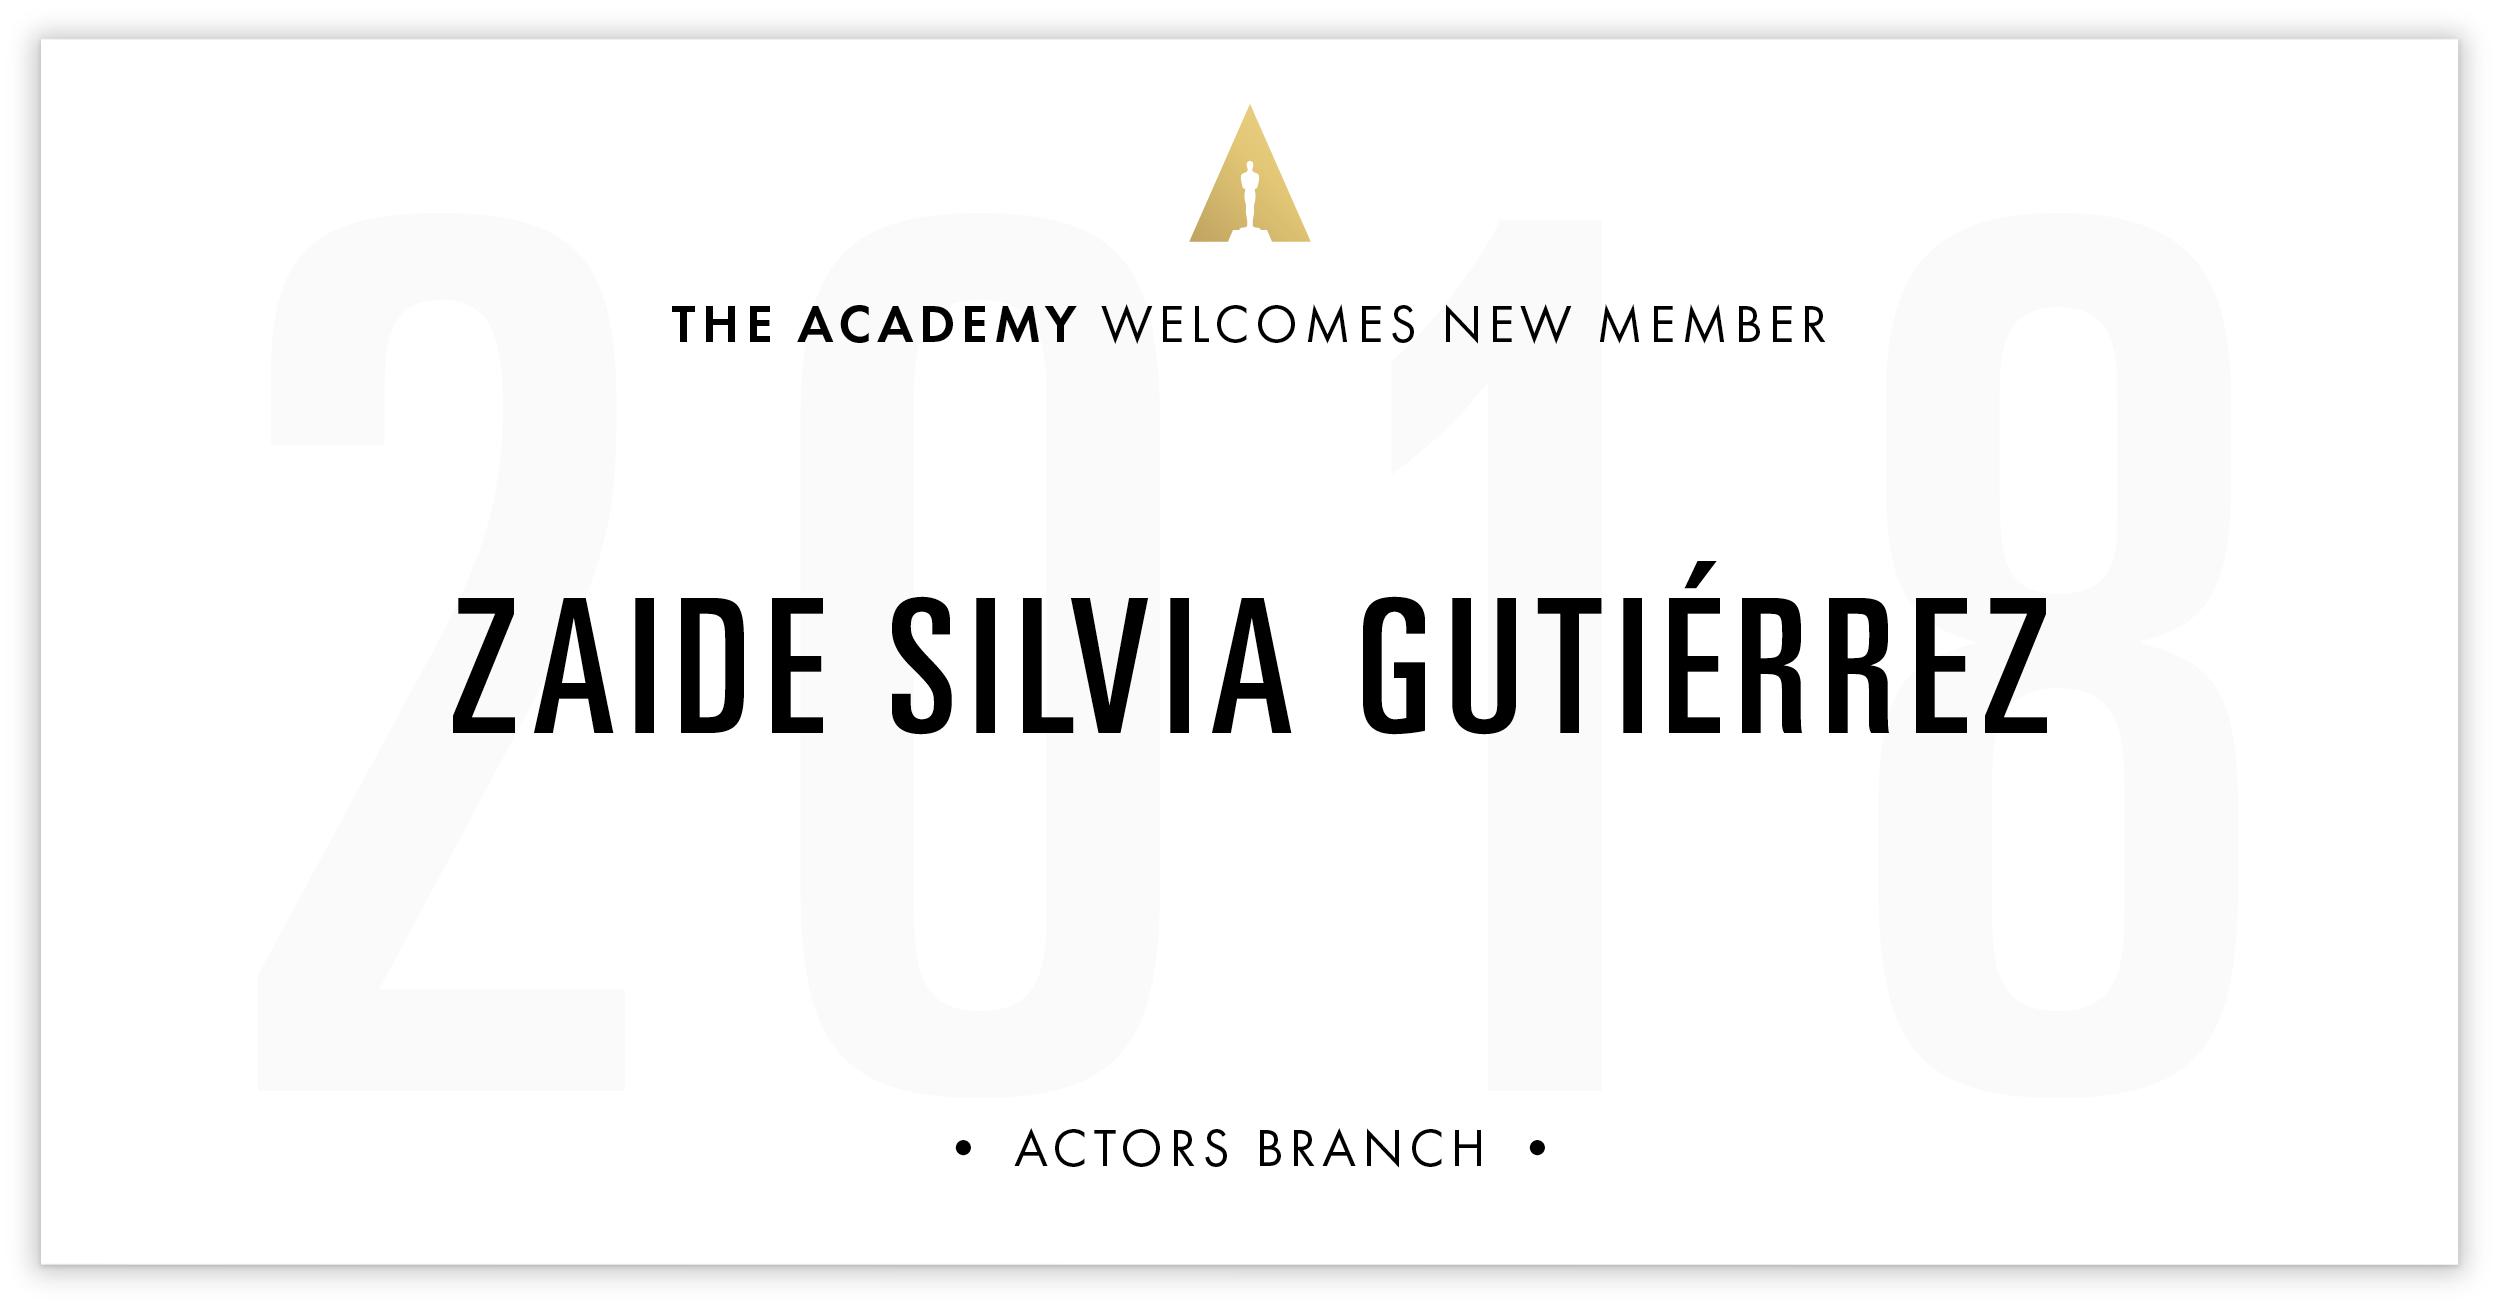 Zaide Gutiérrez is invited!